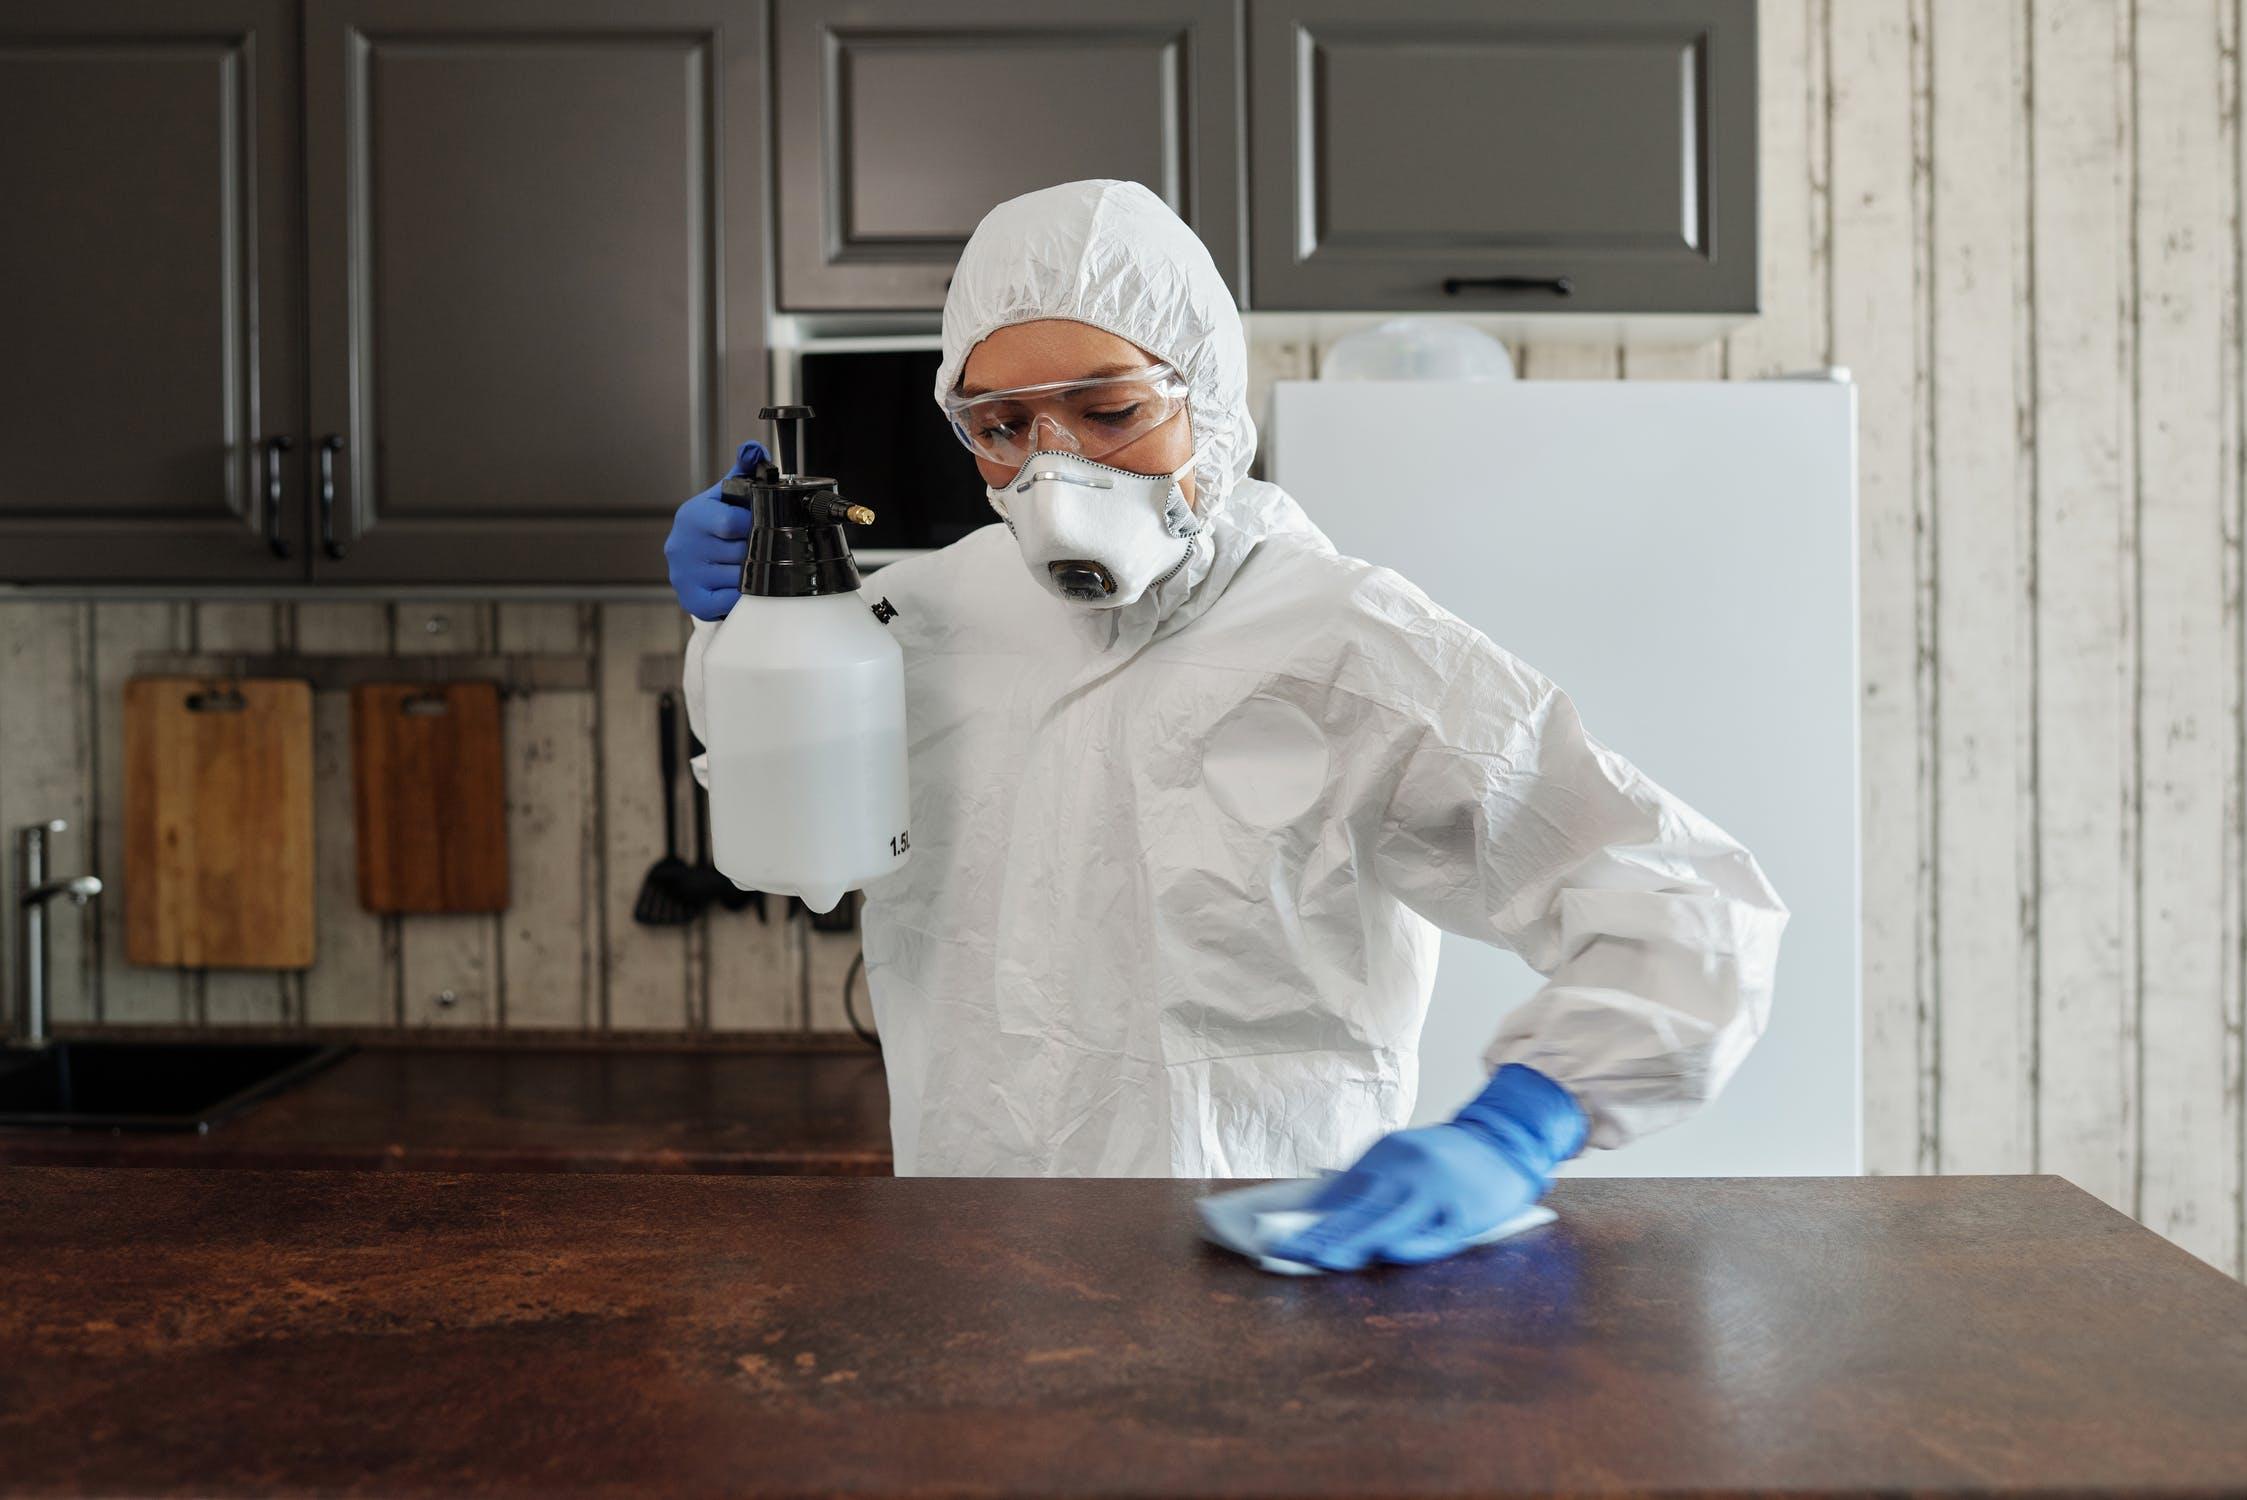 inductie kookplaat schoonmaken